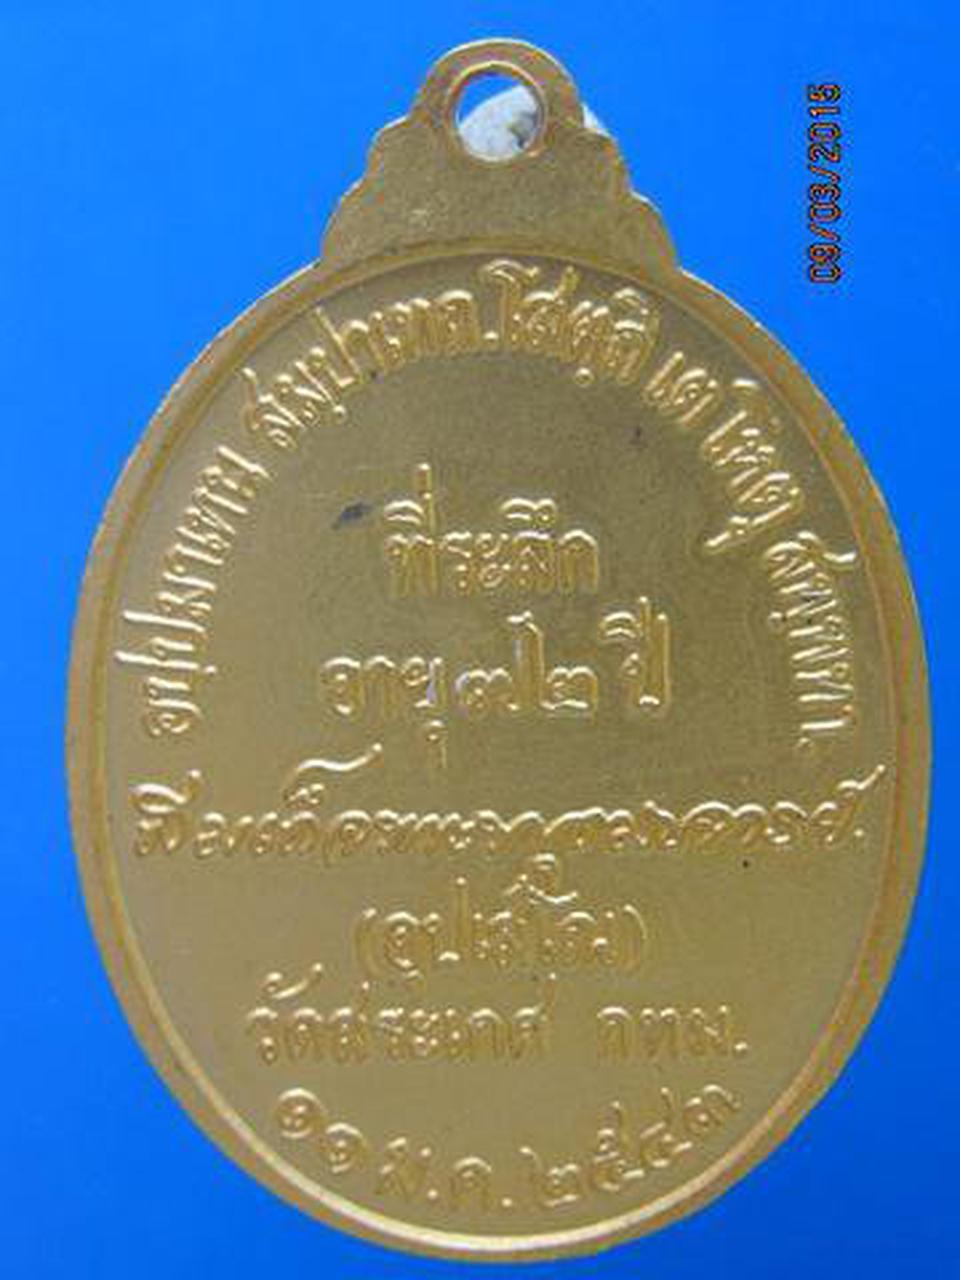 1231 เหรียญสมเด็จพุฒาจารย์เกียว วัดสระเกศ ปี 2543  รูปที่ 2